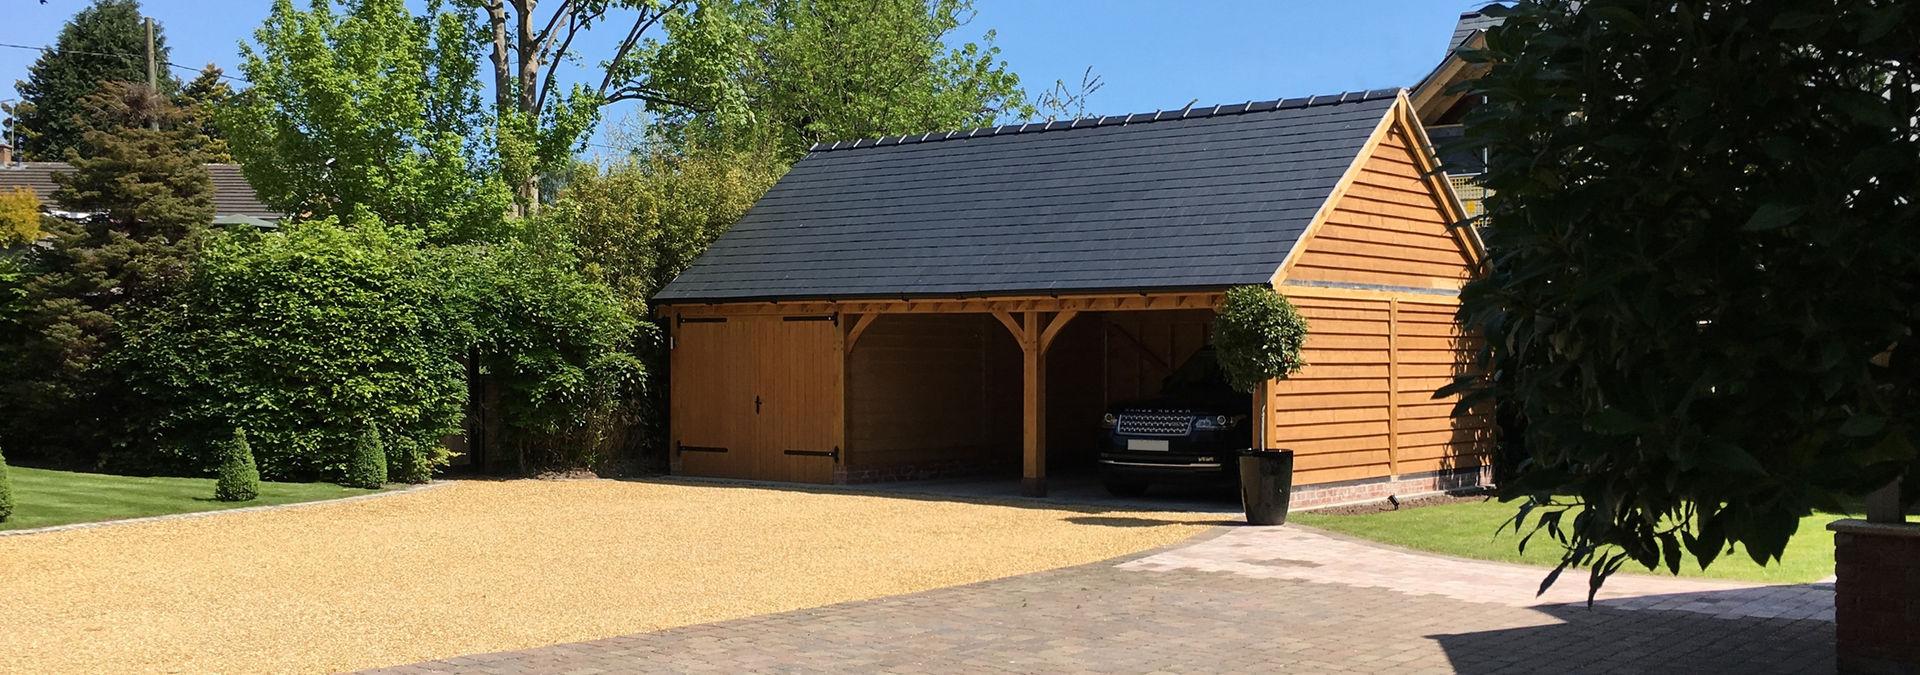 3 Bay Oak Framed Garage | Byton High Ridge | Radnor Oak Buildings